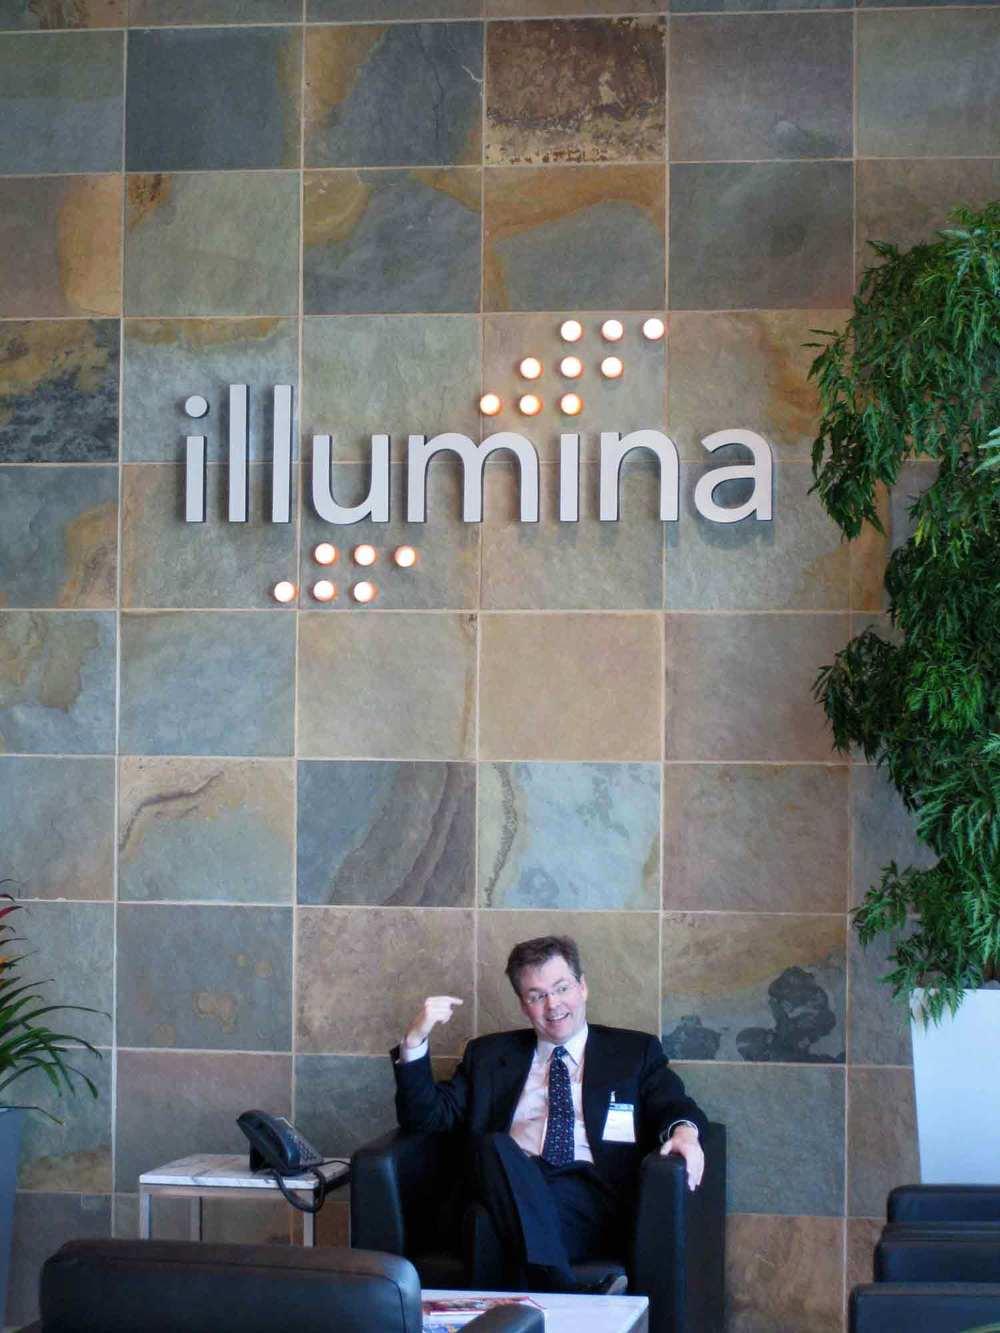 Illumina_reception_lobby.jpg